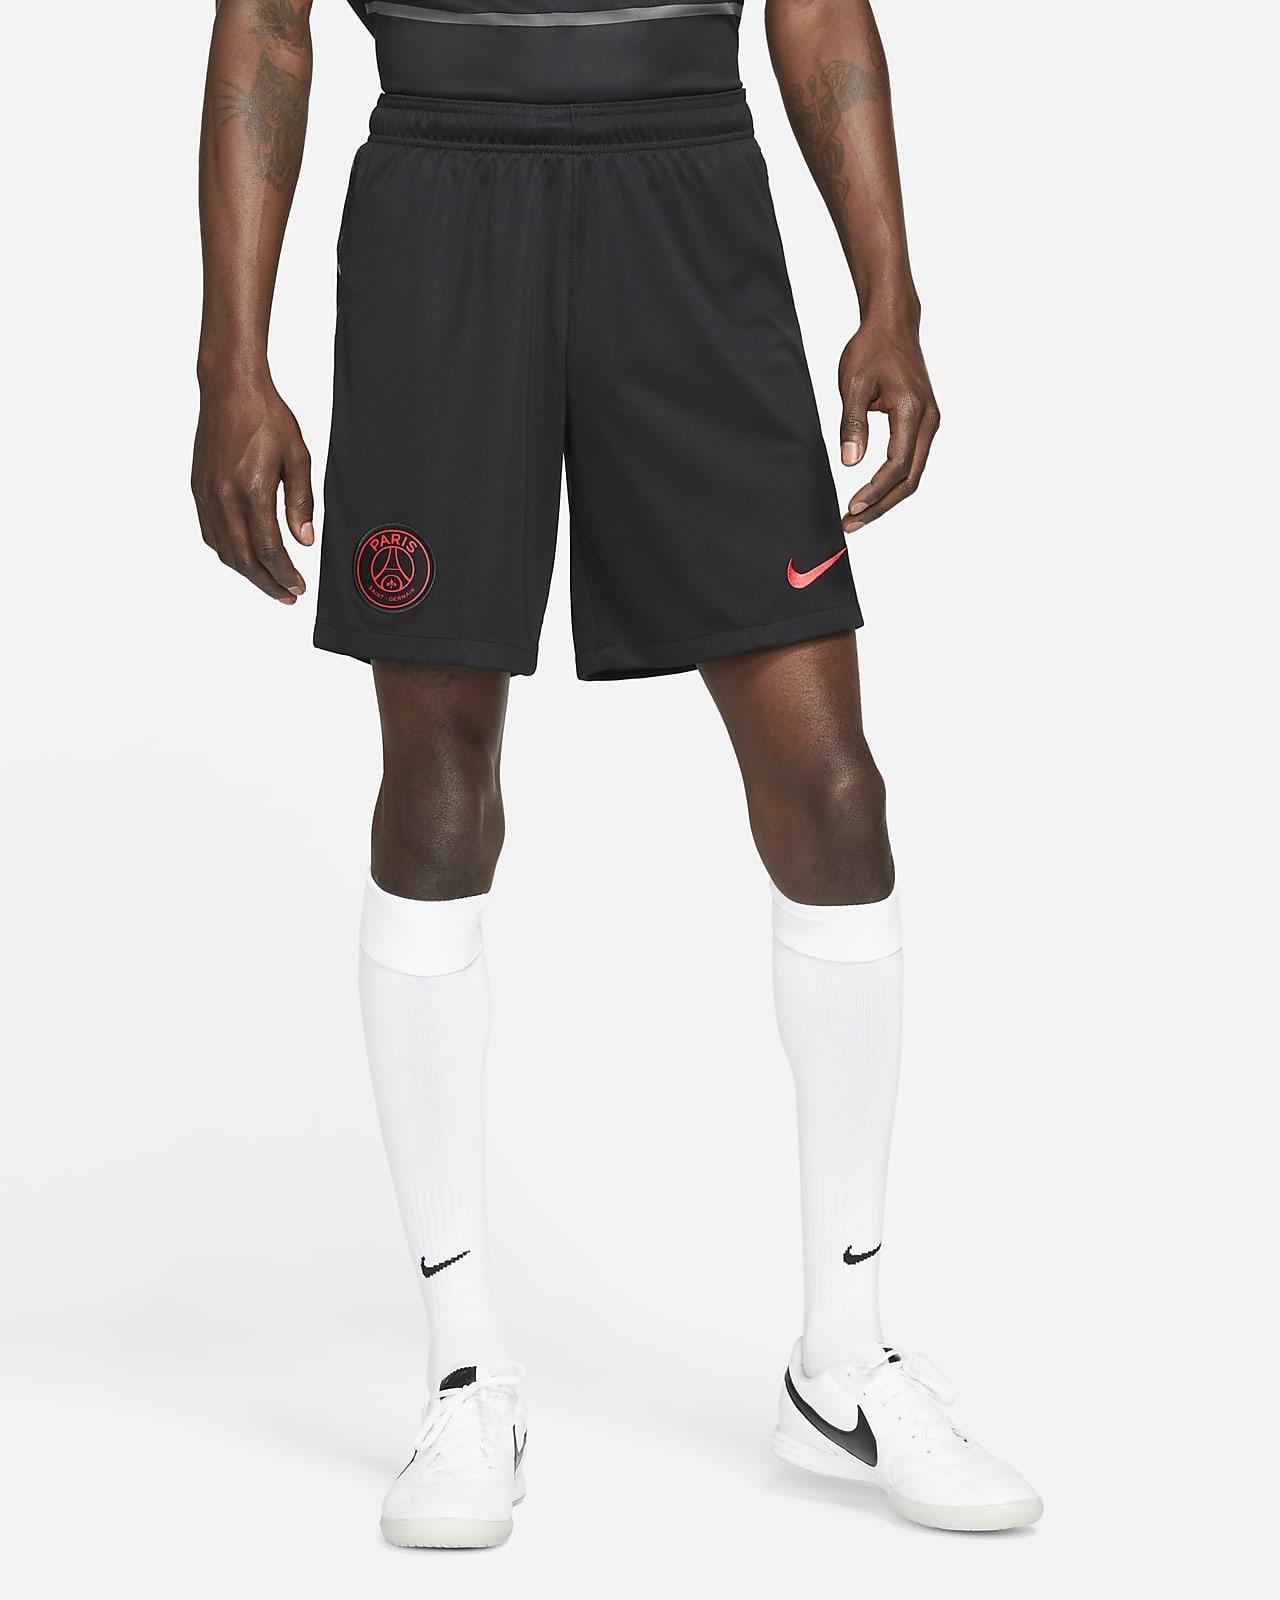 Short de football Nike Dri-FIT Paris Saint-Germain 2021/22 Stadium Third pour Homme